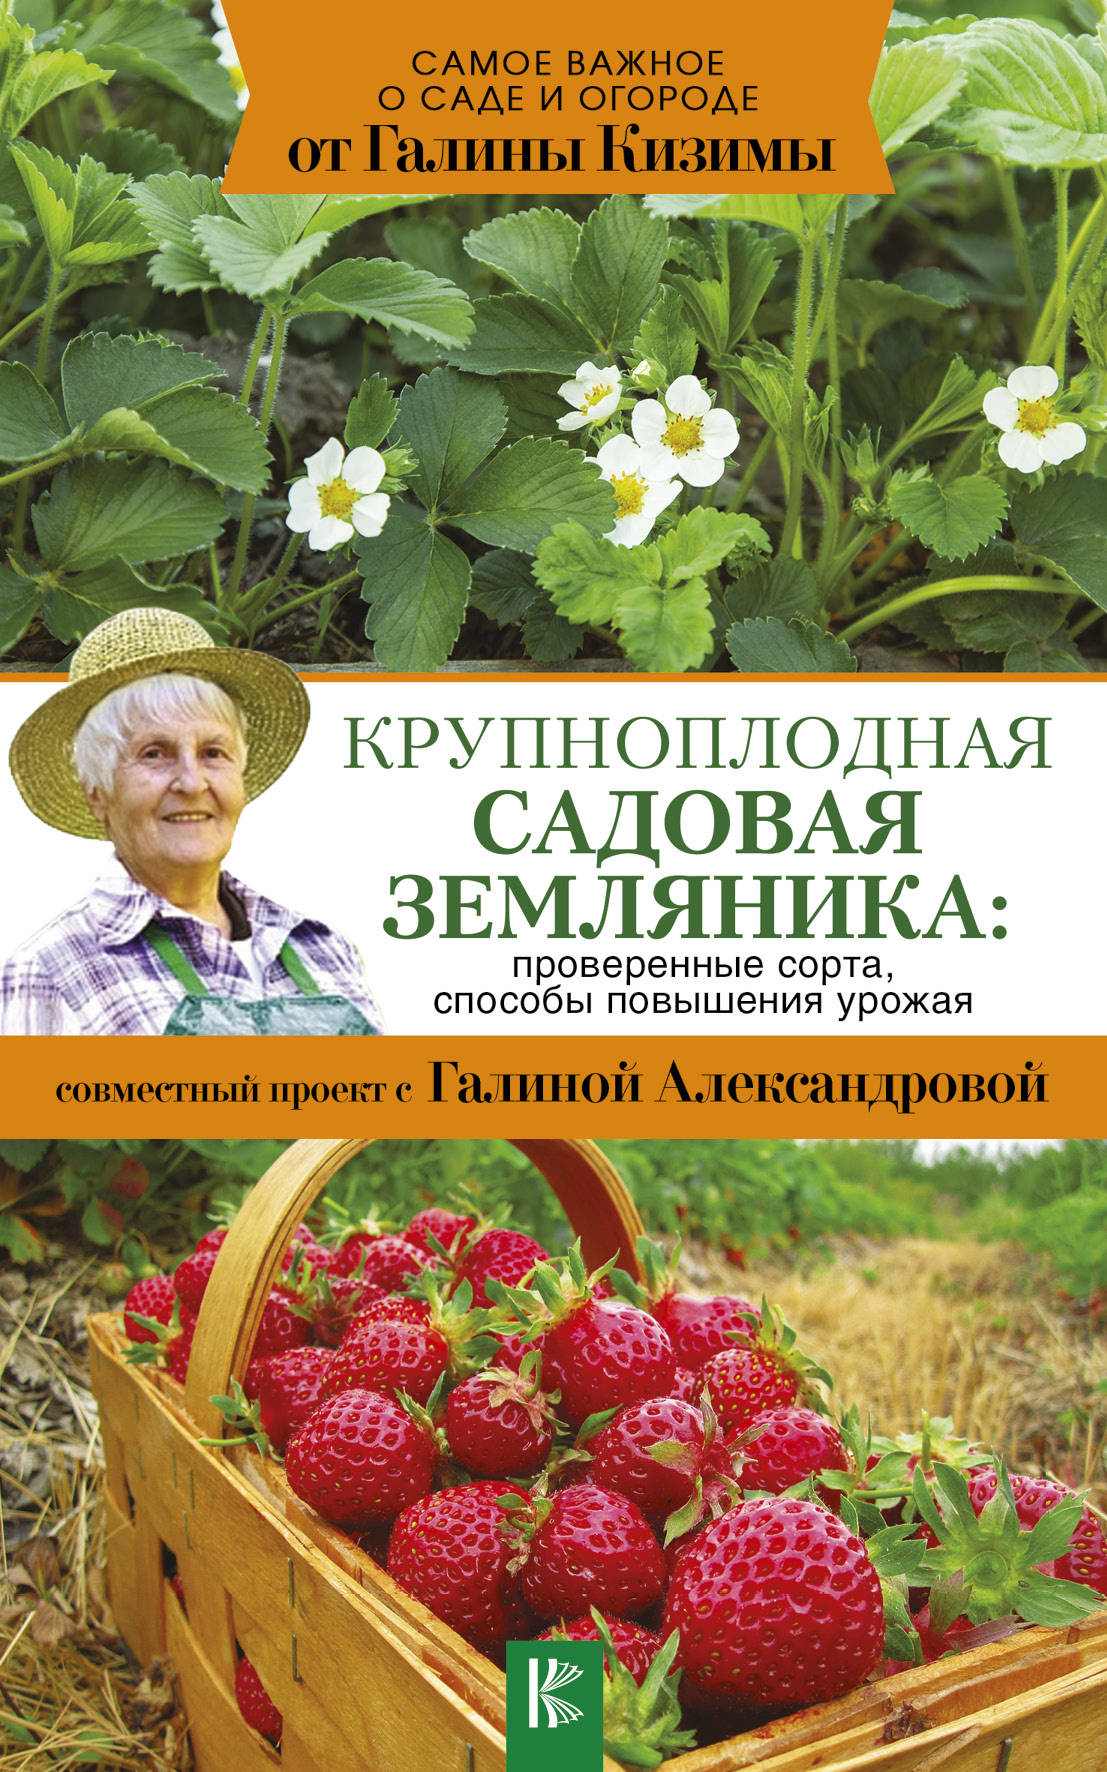 Крупноплодная садовая земляника: проверенные сорта, способы повышения урожая